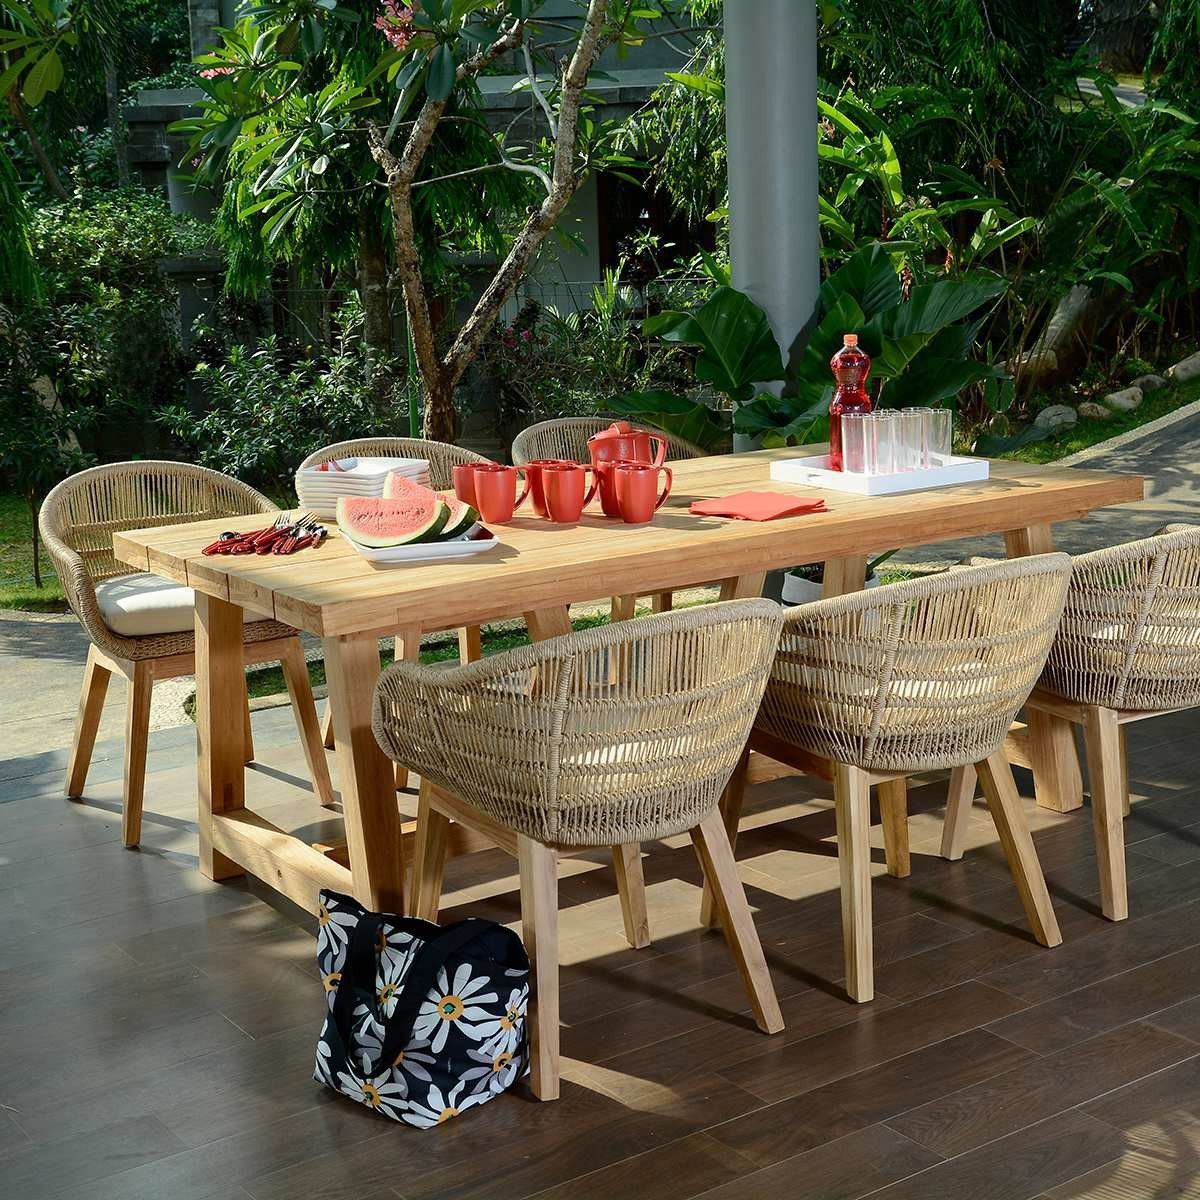 Salon De Jardin Chaumont 250 En Teck Effet Recyclé Pas Cher ... tout Salon De Jardin En Teck Pas Cher